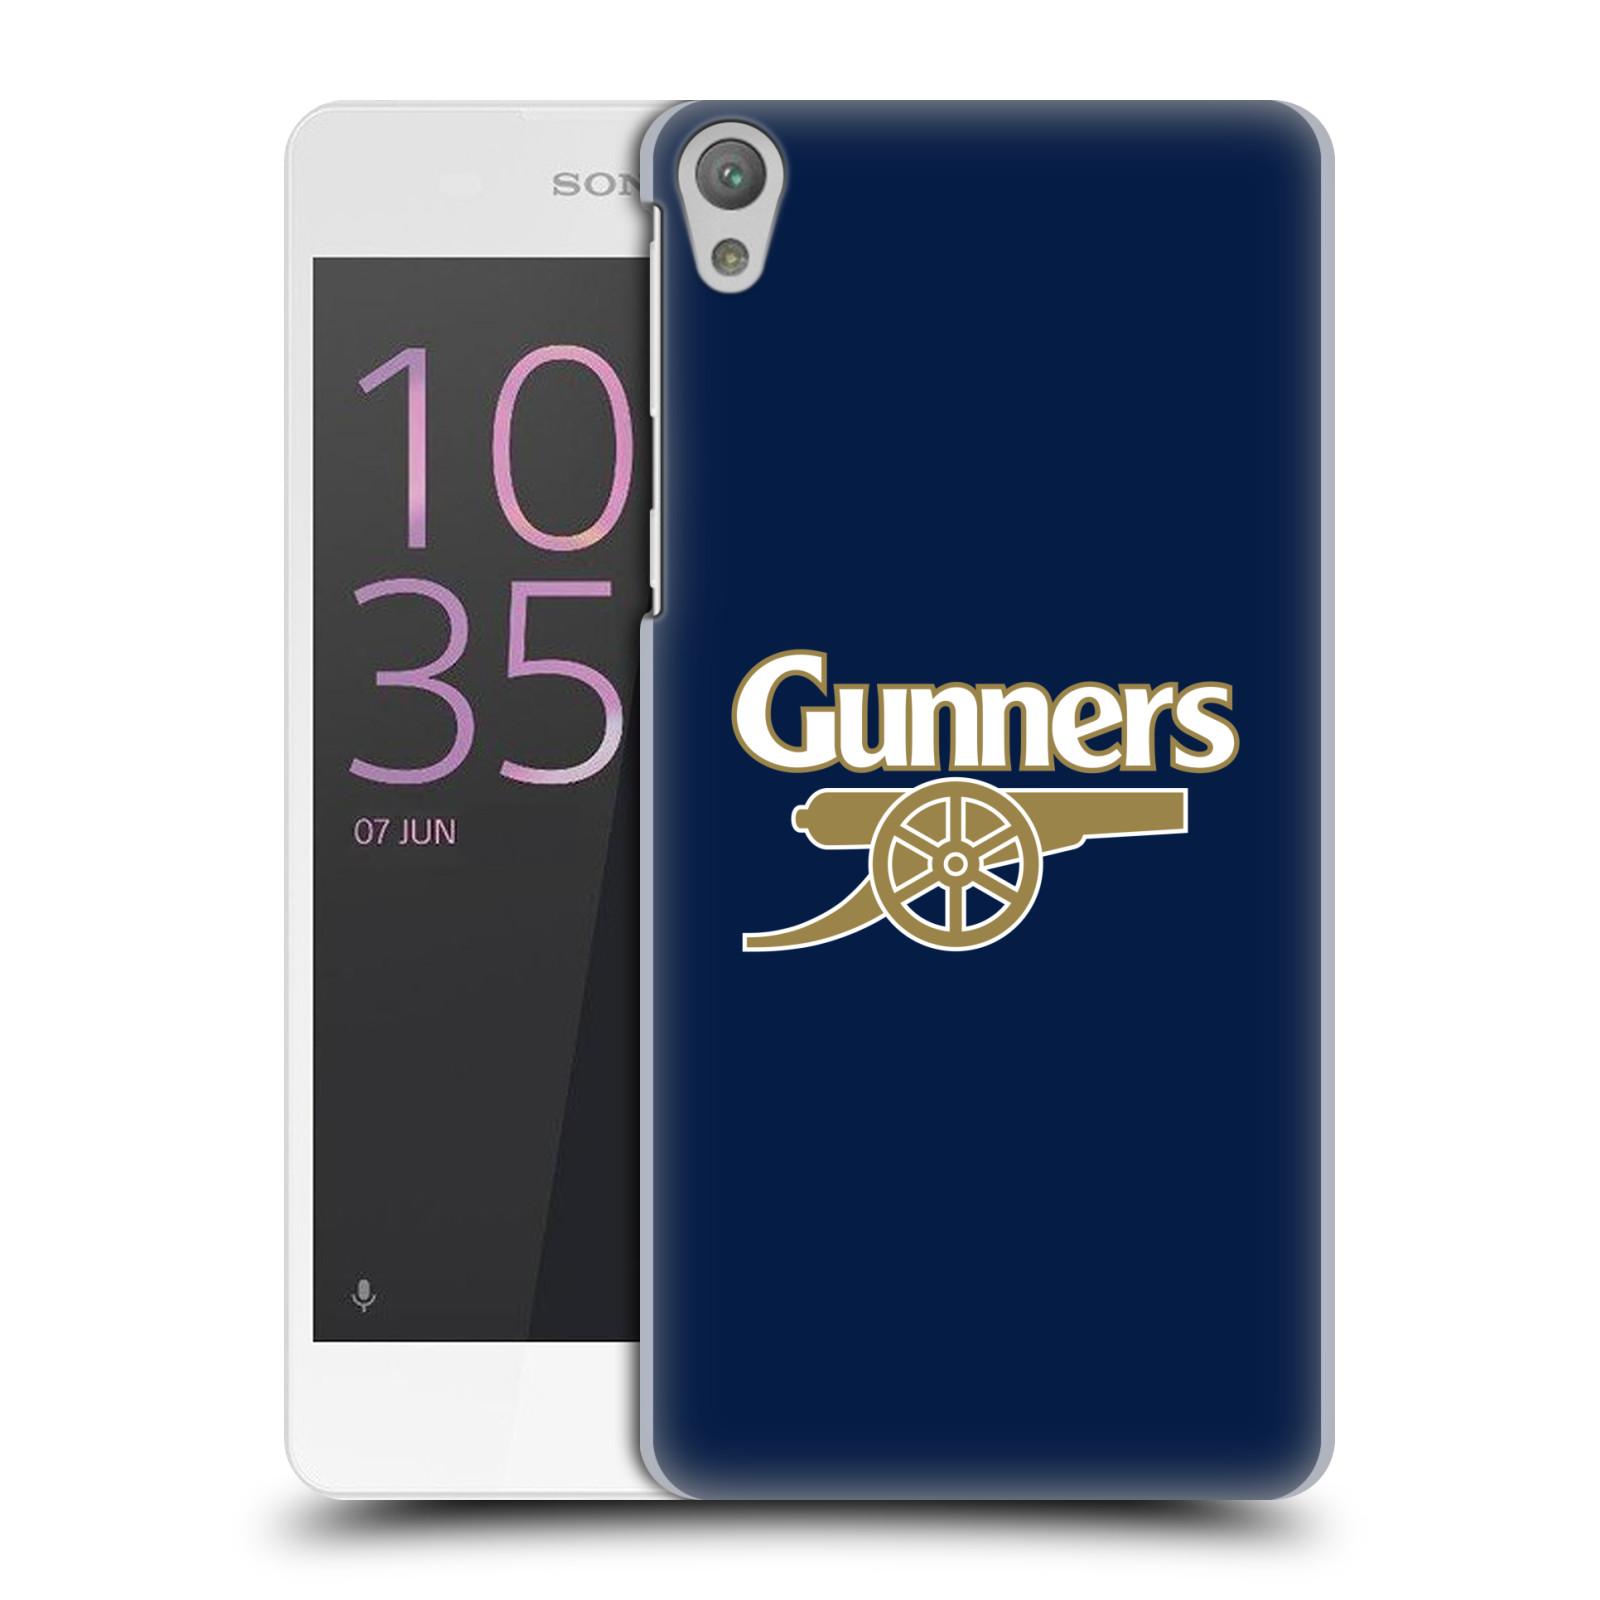 Plastové pouzdro na mobil Sony Xperia E5 - Head Case - Arsenal FC - Gunners